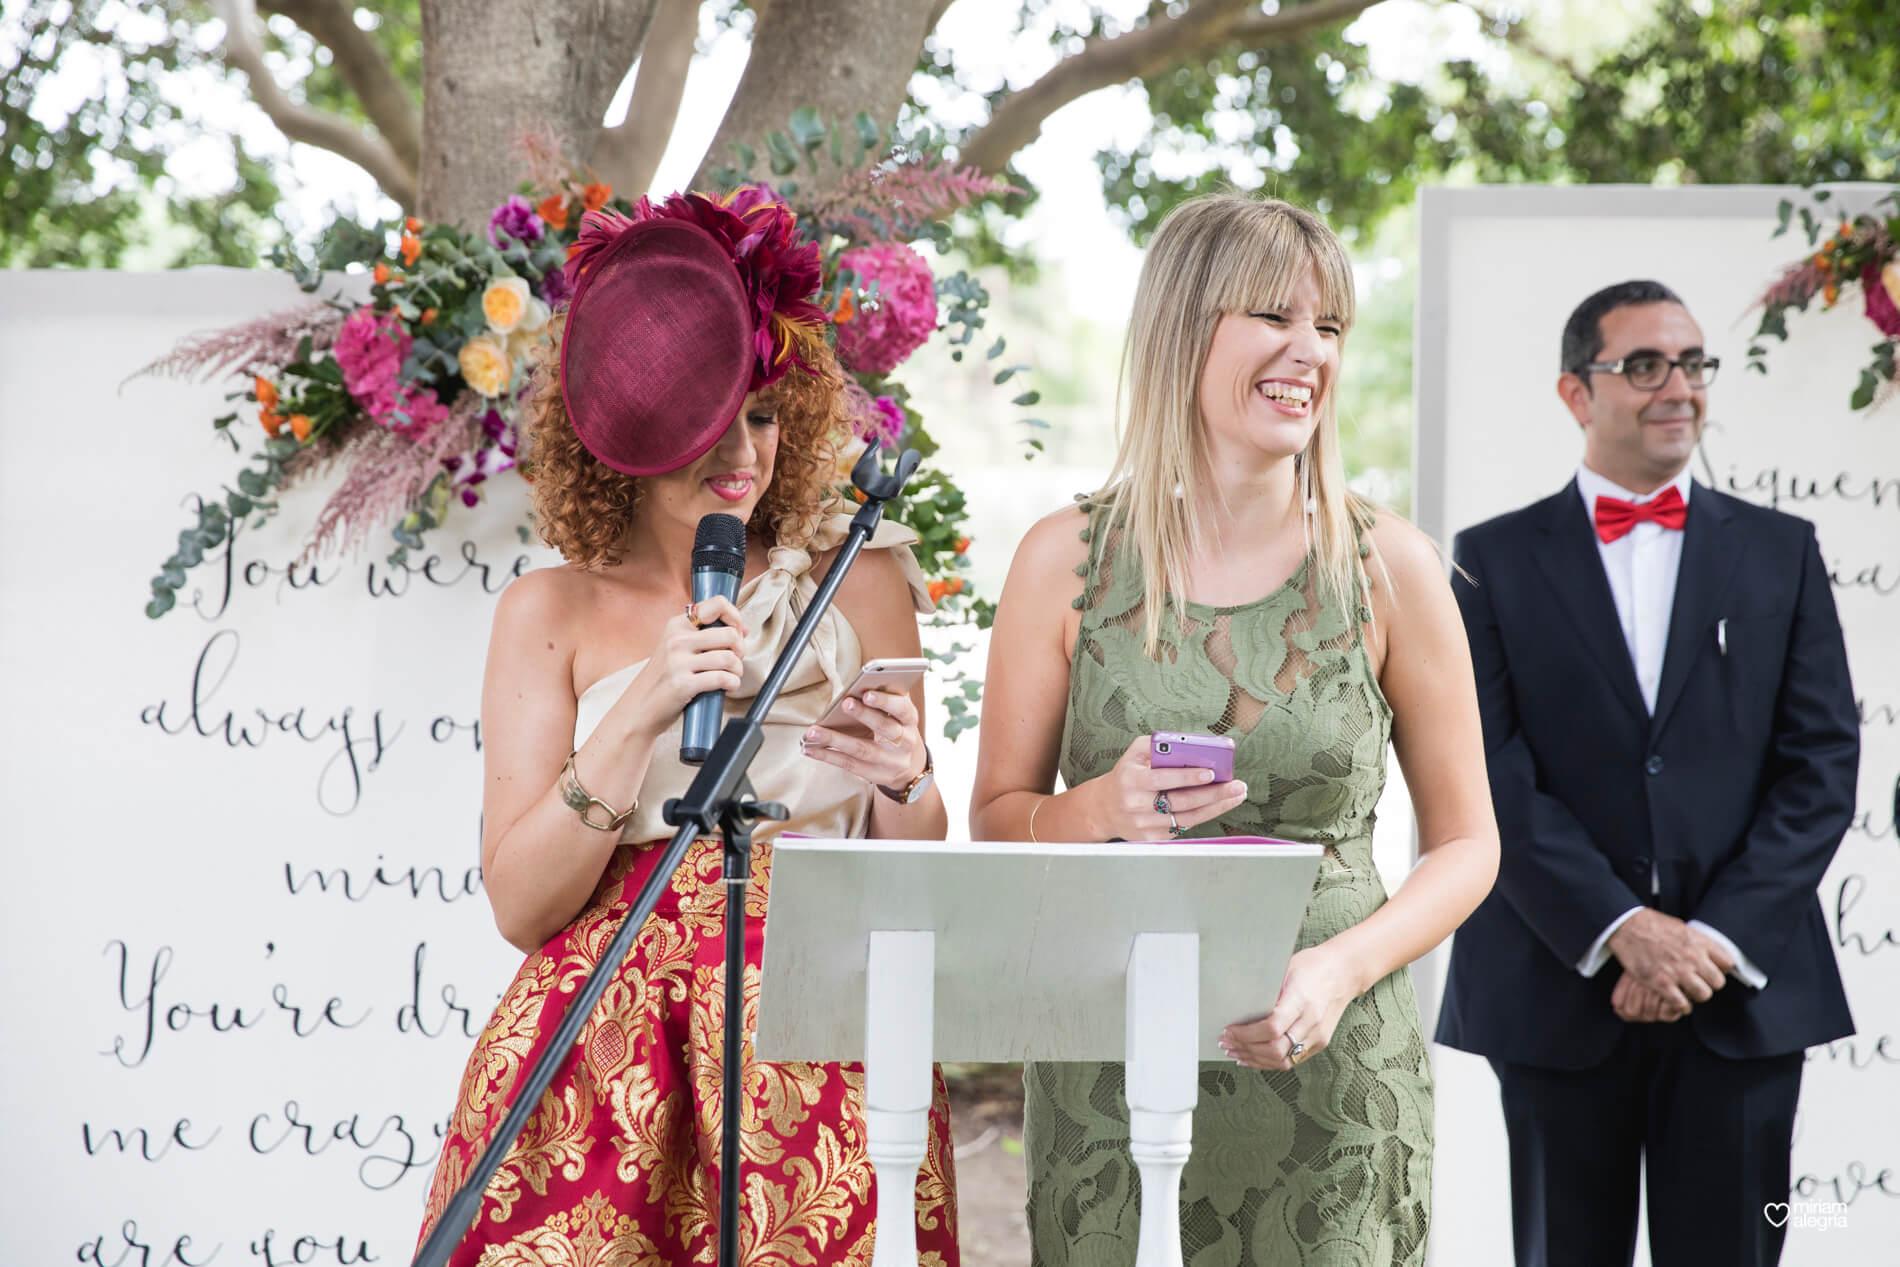 boda-en-finca-villa-vera-de-alemc7-miriam-alegria-fotografos-boda-murcia-56